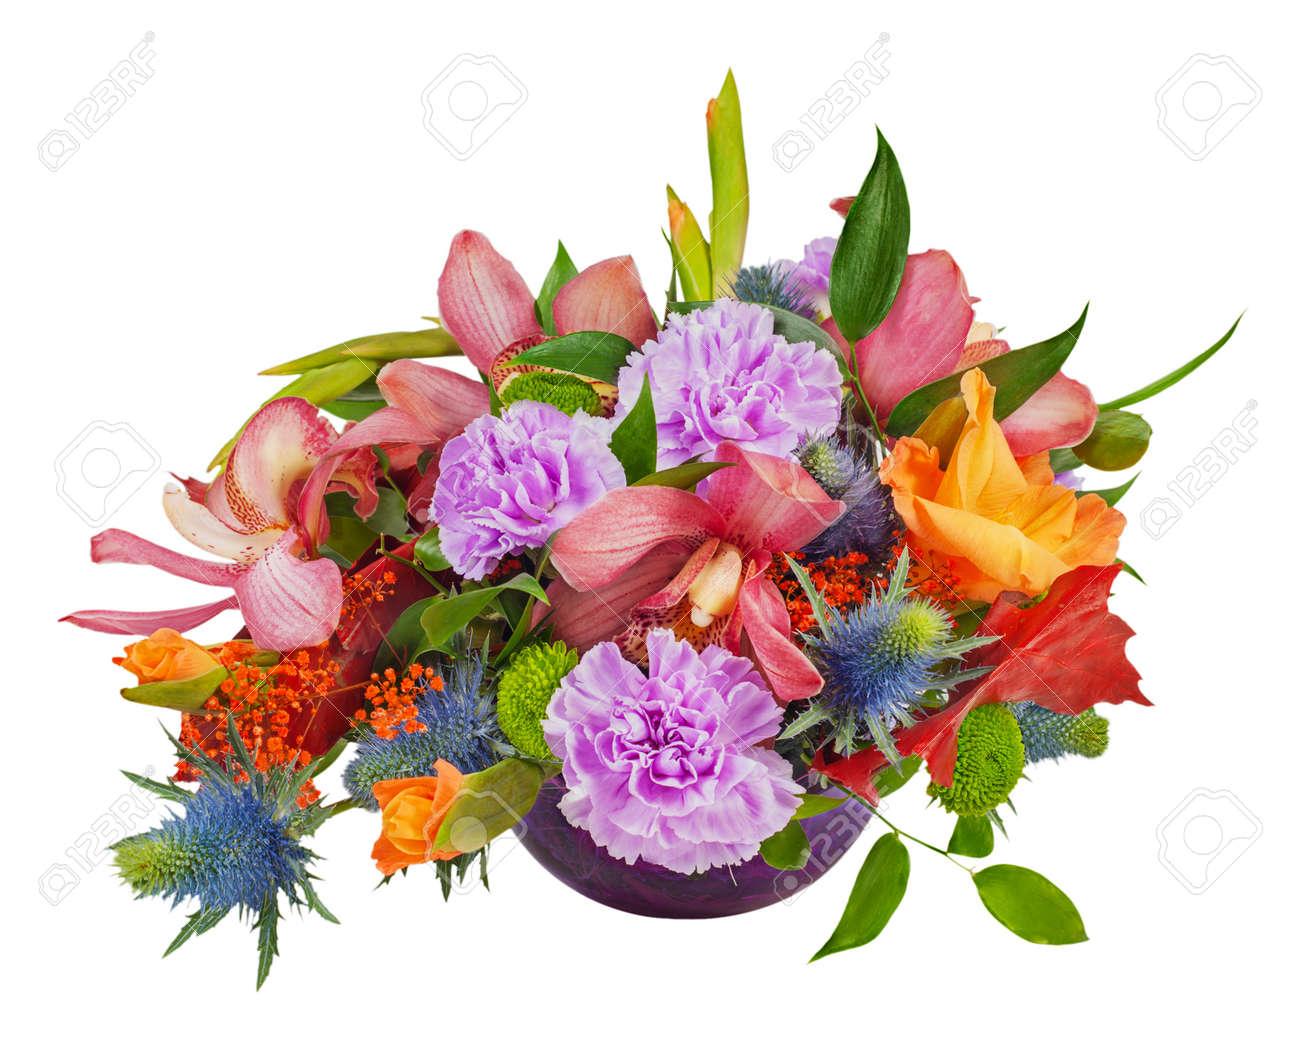 Ramo Floral De Orquídeas Gladiolos Y Claveles Arreglo De La Pieza Central En El Florero De Cristal Azul Aislado Sobre Fondo Blanco